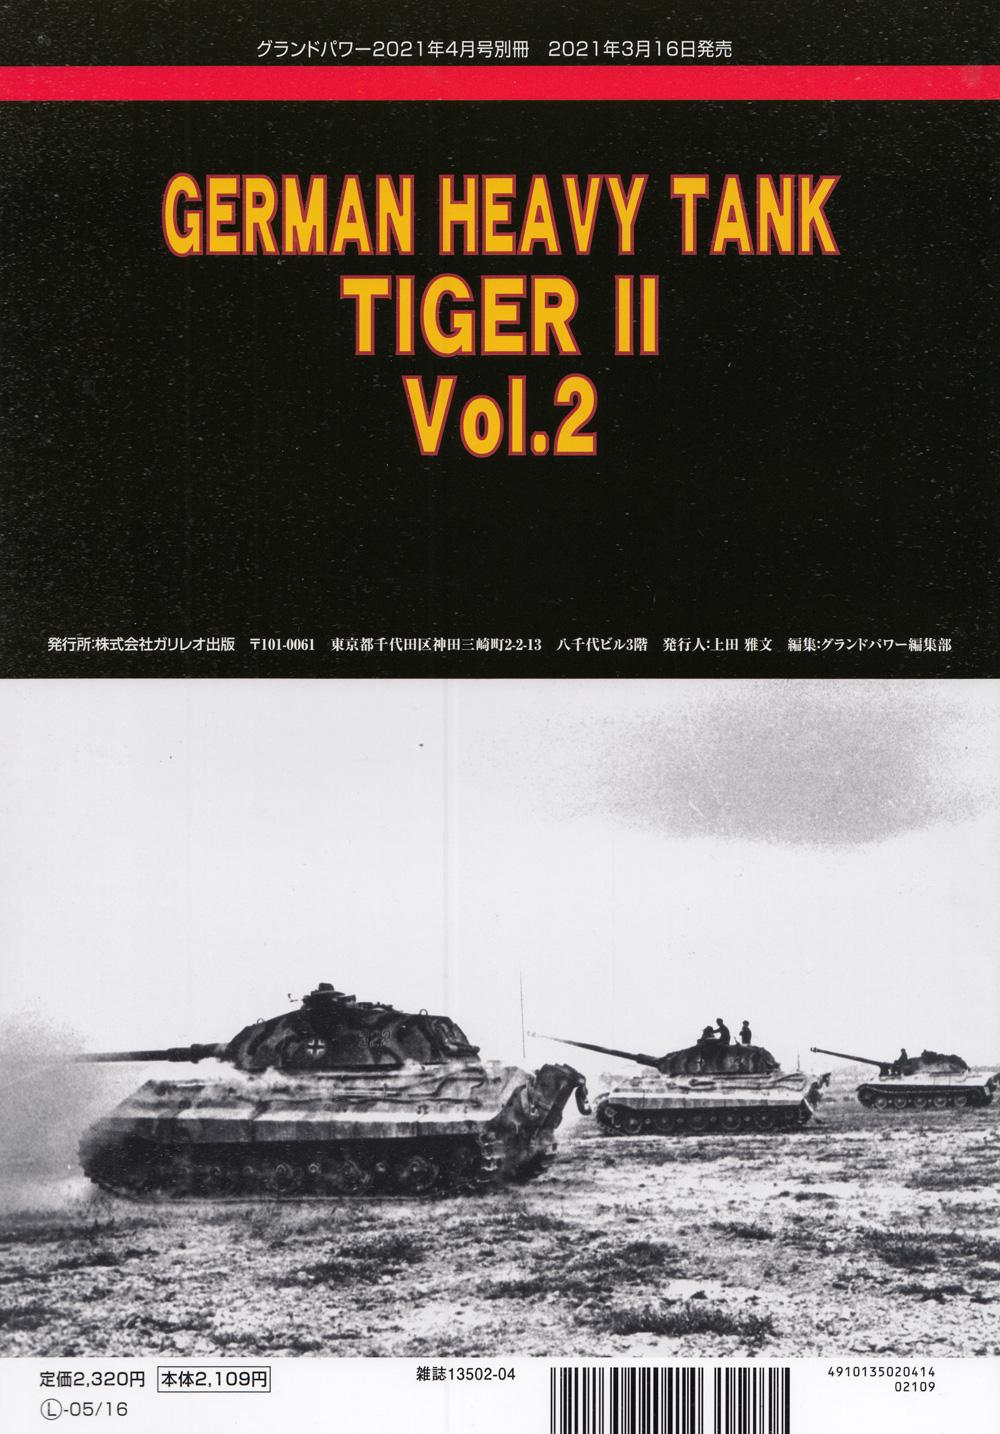 ティーガー 2 Vol.2 開発/構造/生産別冊(ガリレオ出版グランドパワー別冊No.L-05/16)商品画像_1